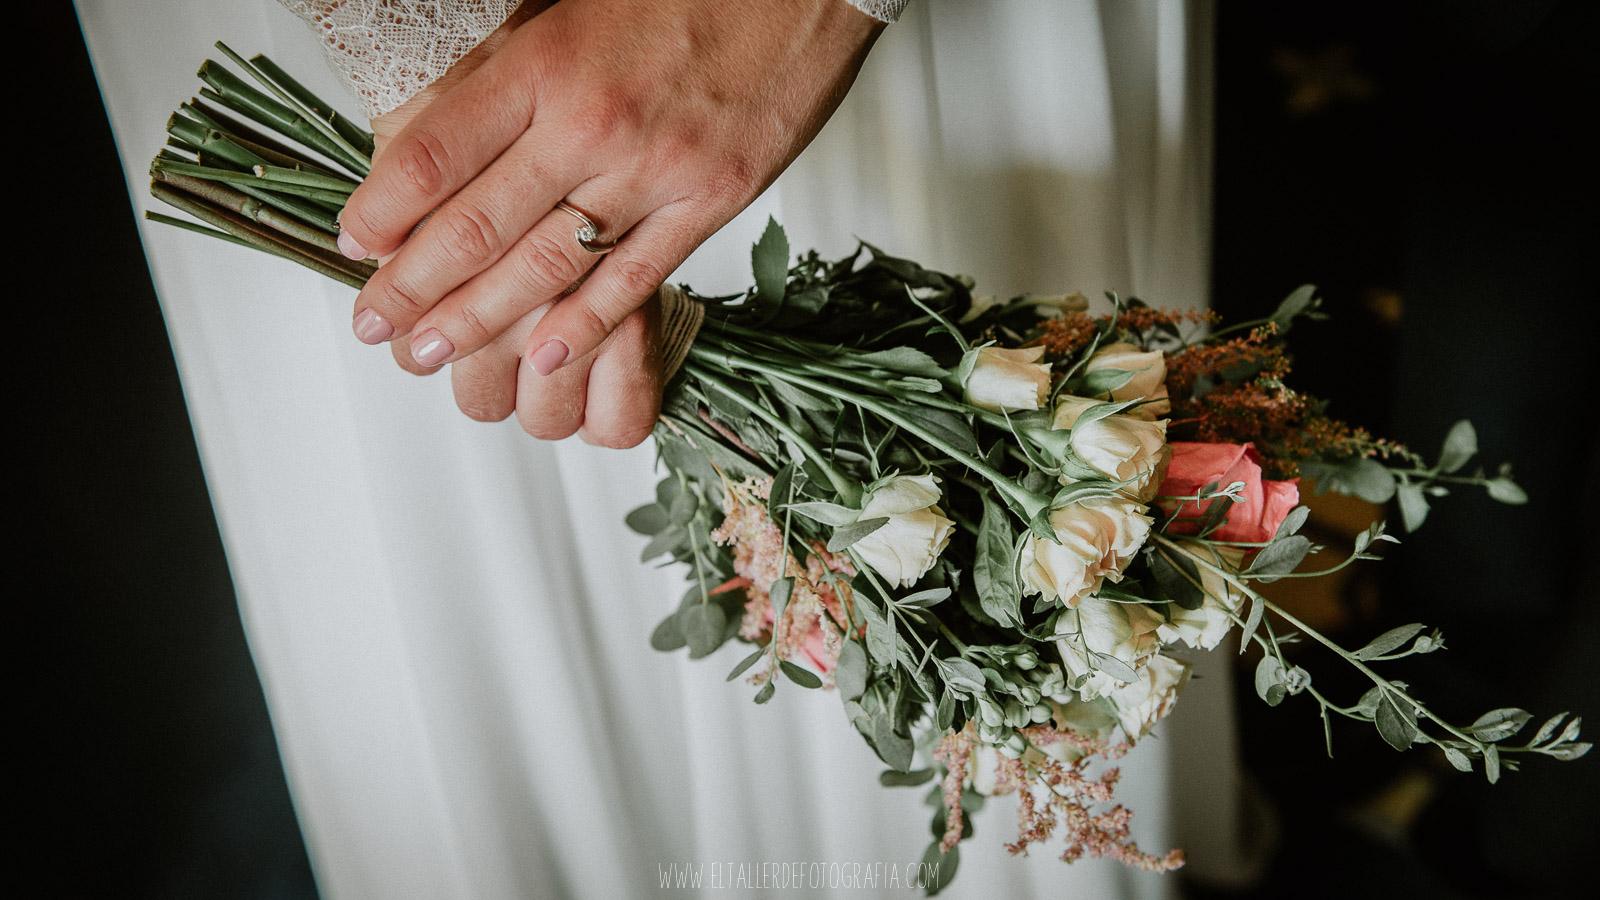 Detalle del anillo de pedida junto con el ramo de la novia